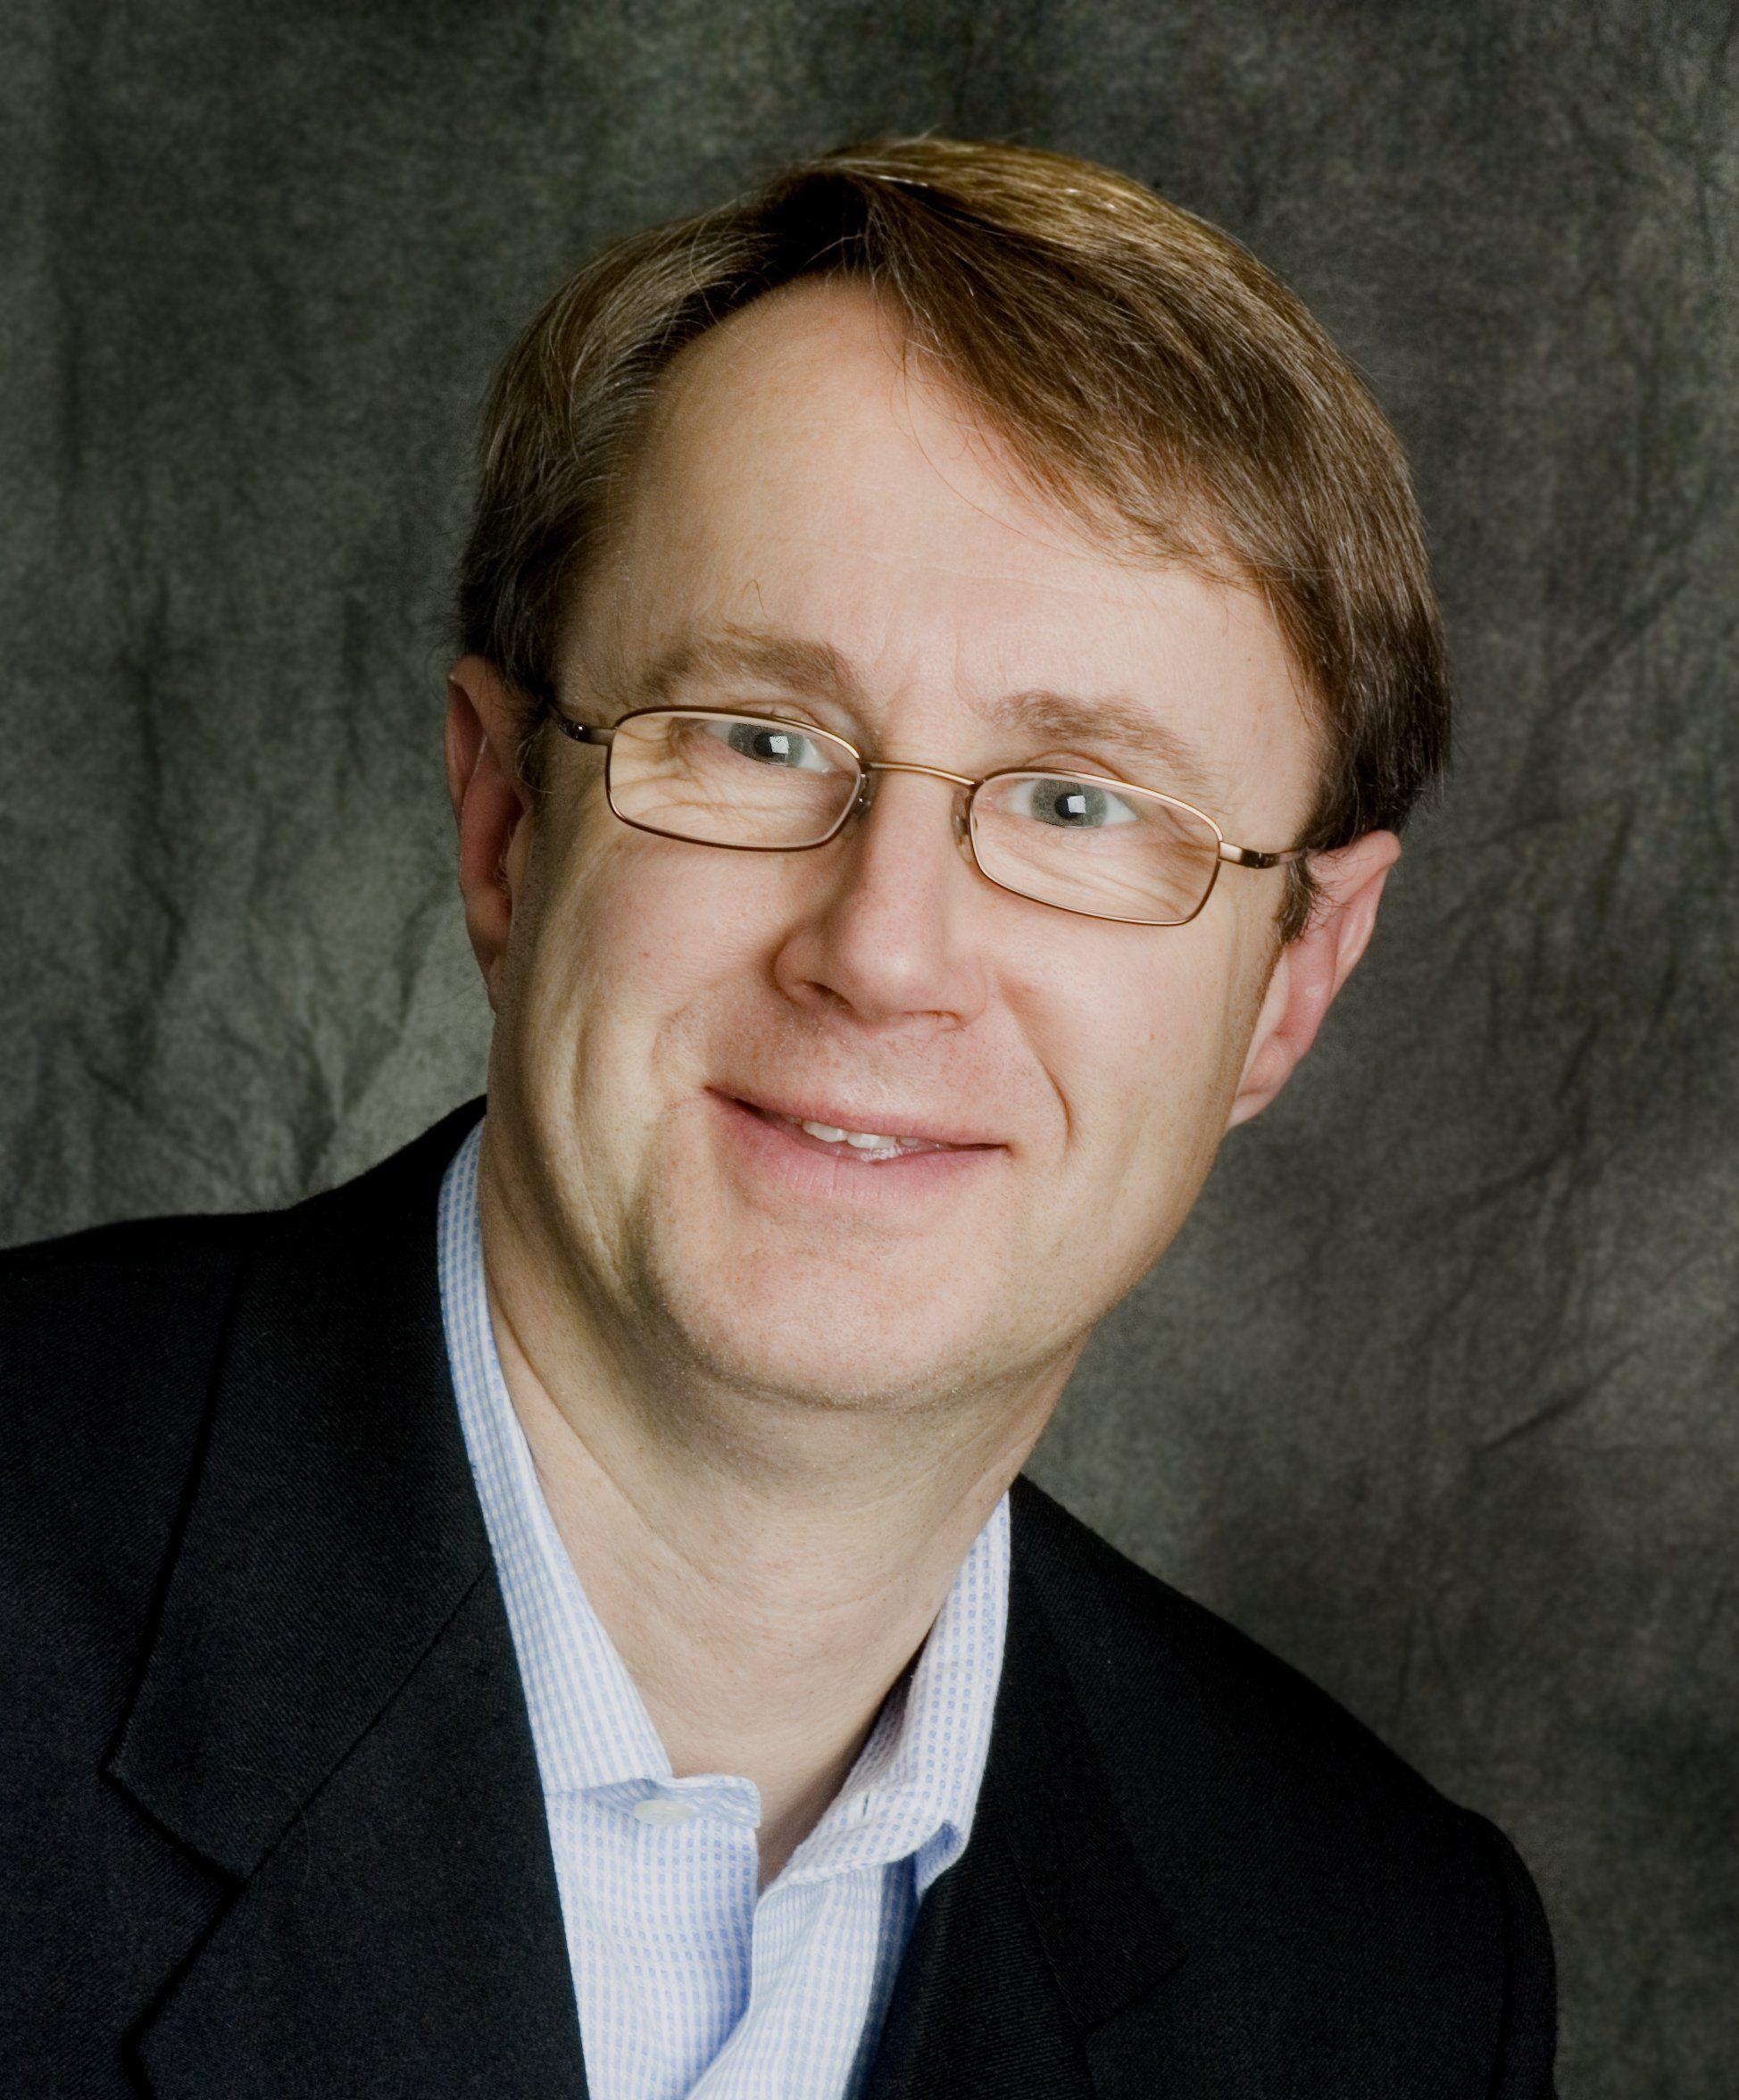 Dekningsdirektør Bjørn Amundsen i Telenor Norge.